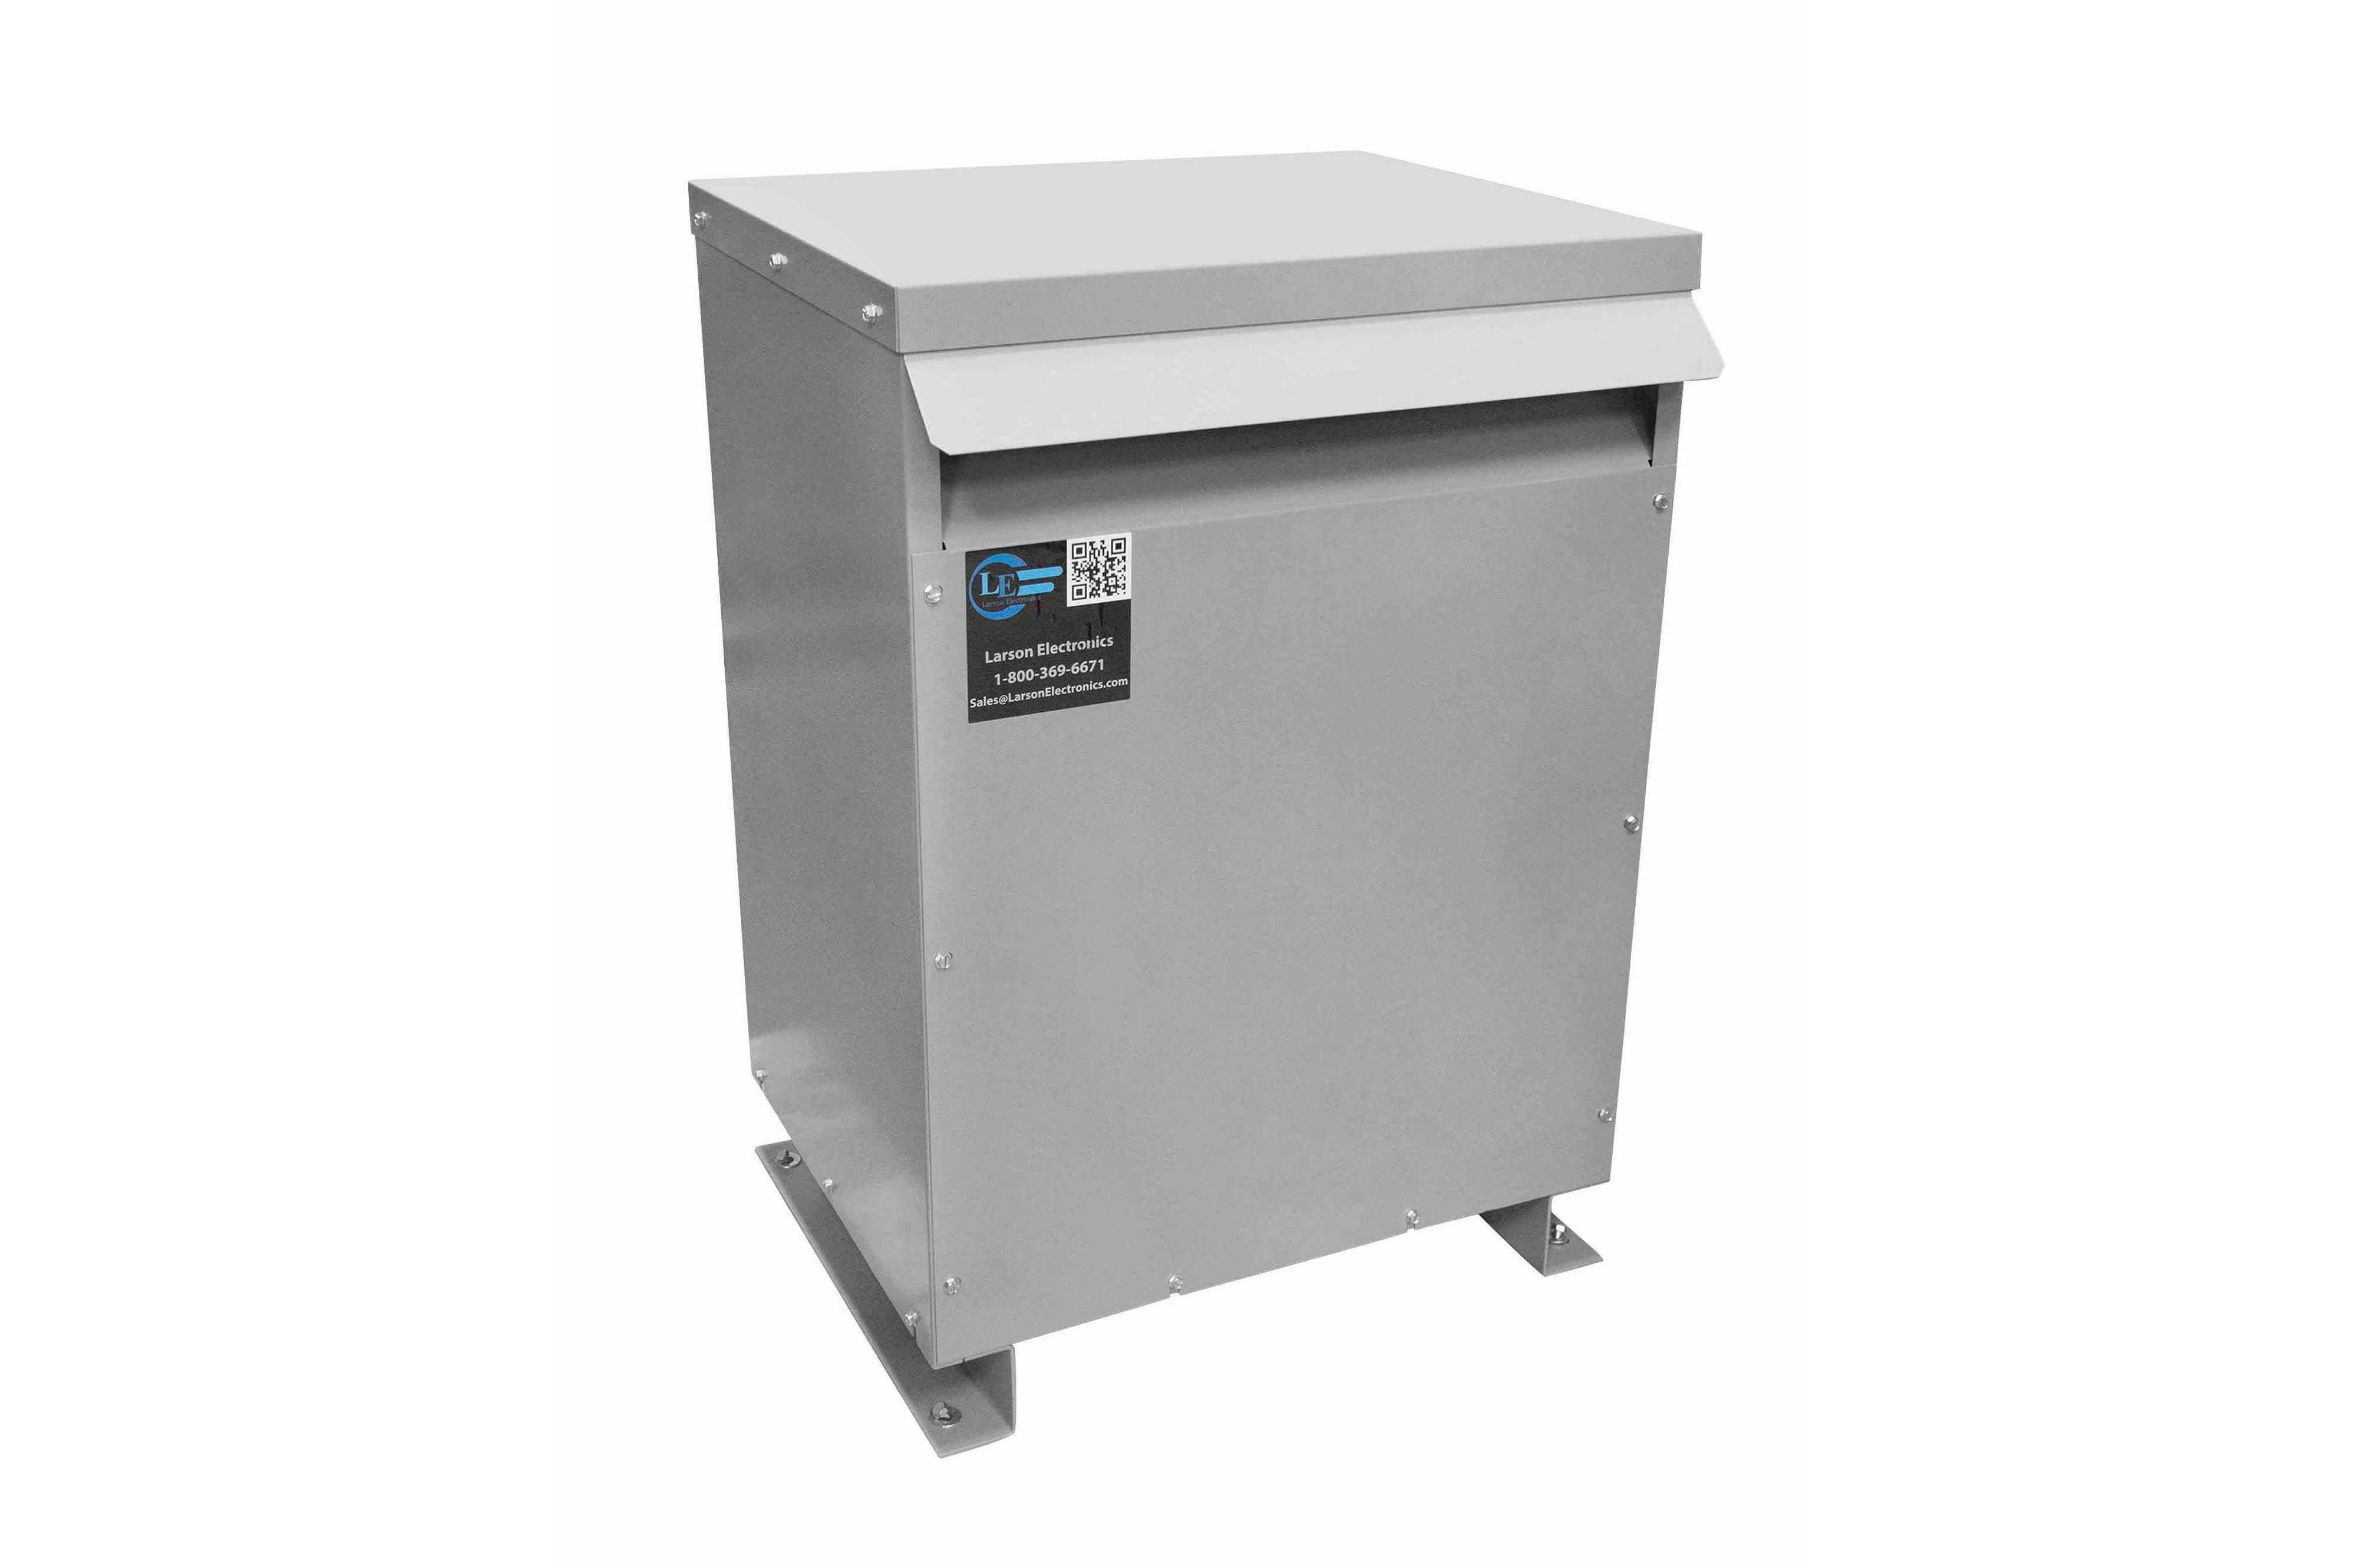 36 kVA 3PH Isolation Transformer, 380V Delta Primary, 240 Delta Secondary, N3R, Ventilated, 60 Hz